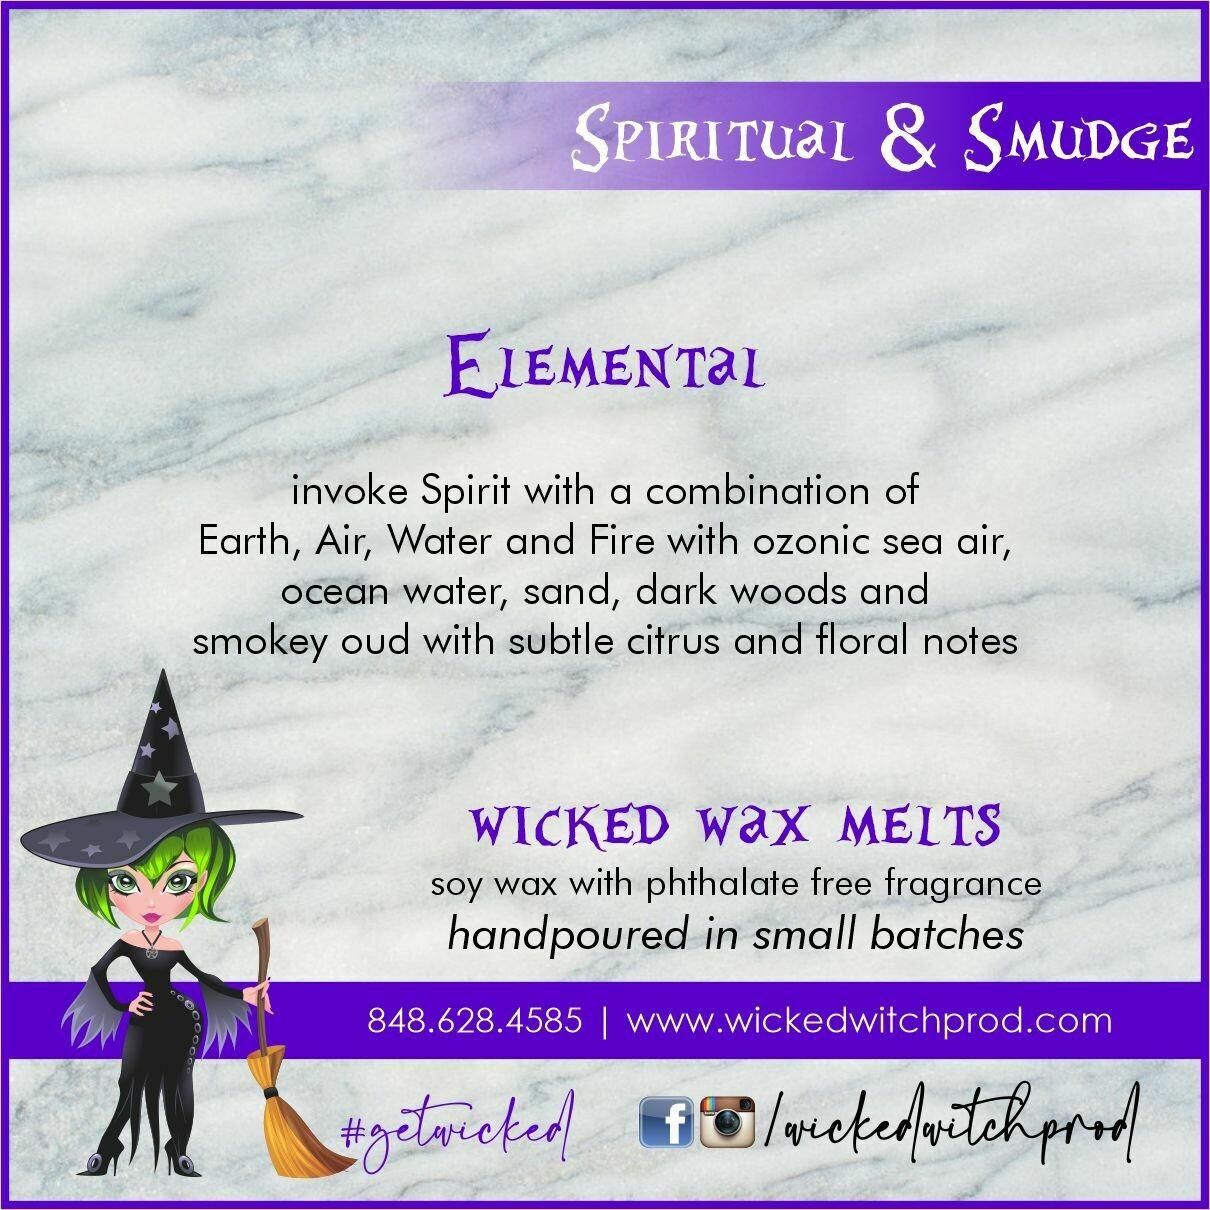 Elemental Wicked Wax Melts